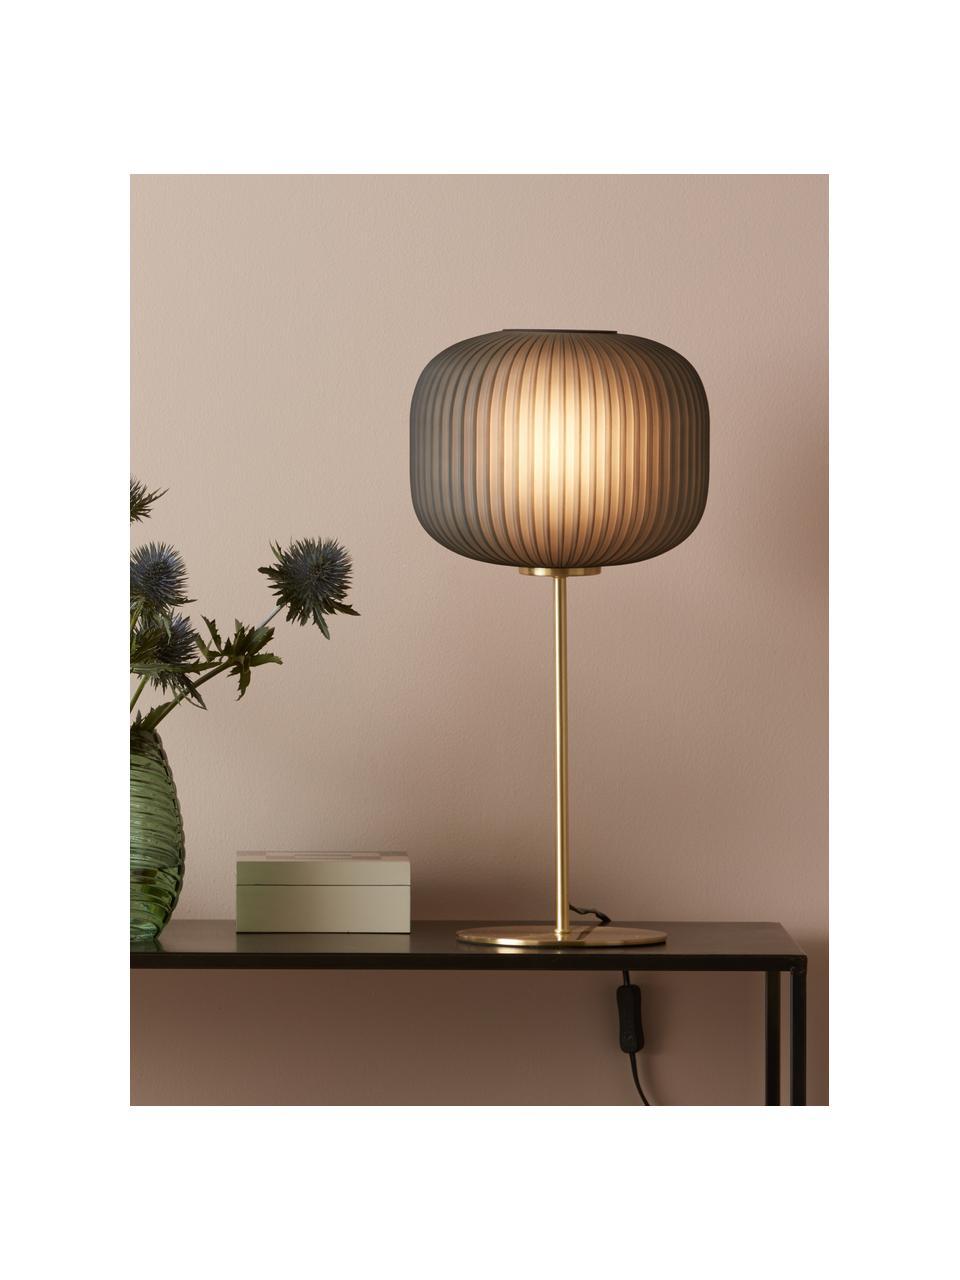 Tischlampe Sober mit Glasschirm, Lampenschirm: Glas, Lampenfuß: Metall, gebürstet, Grau, Messingfarben, Ø 25 x H 50 cm